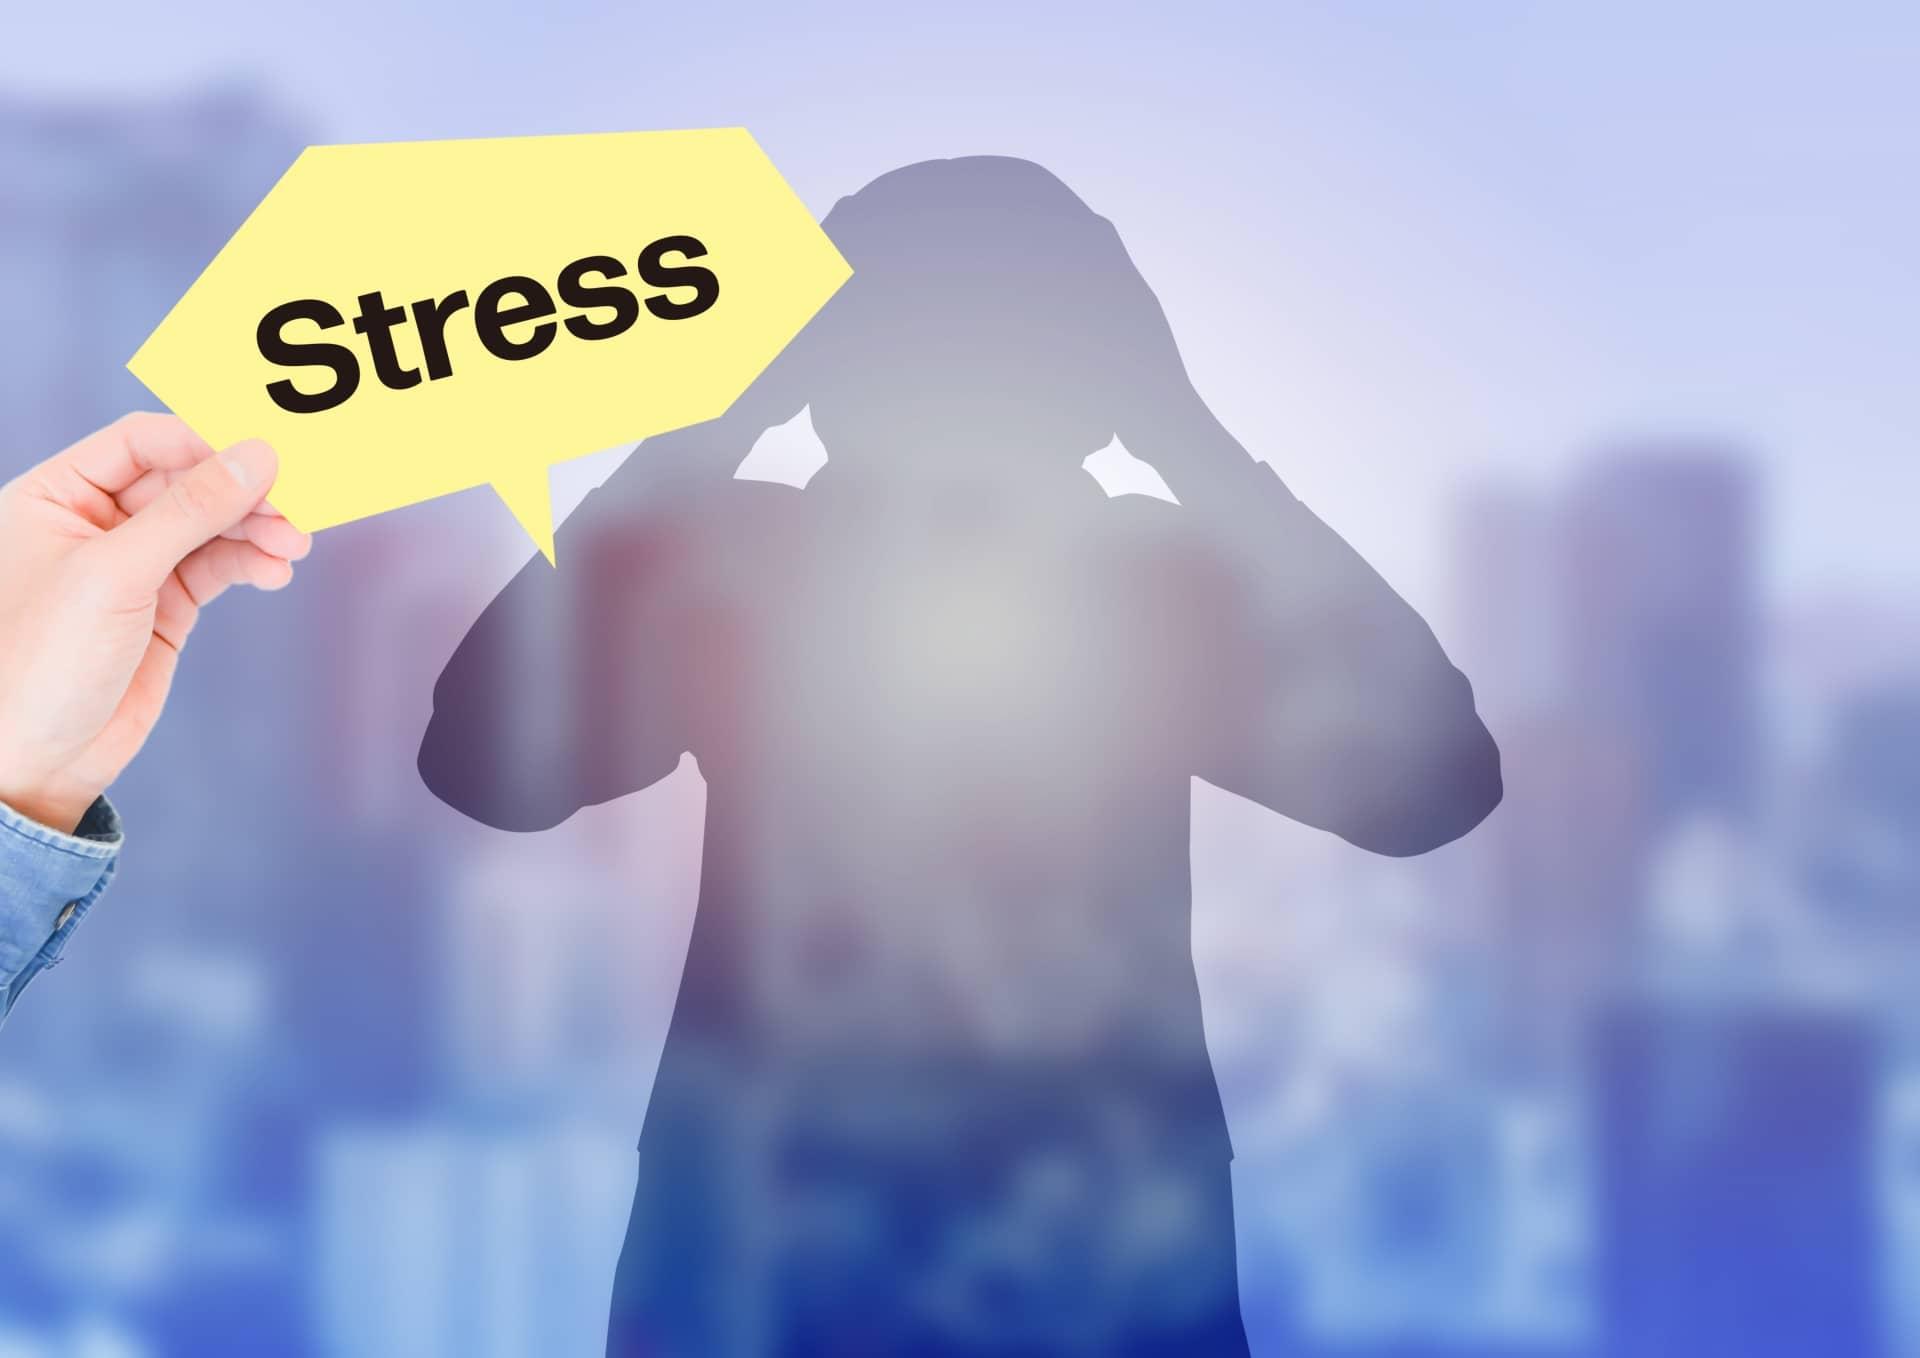 【メンタルヘルス対策】ストレスチェック実施の流れを解説